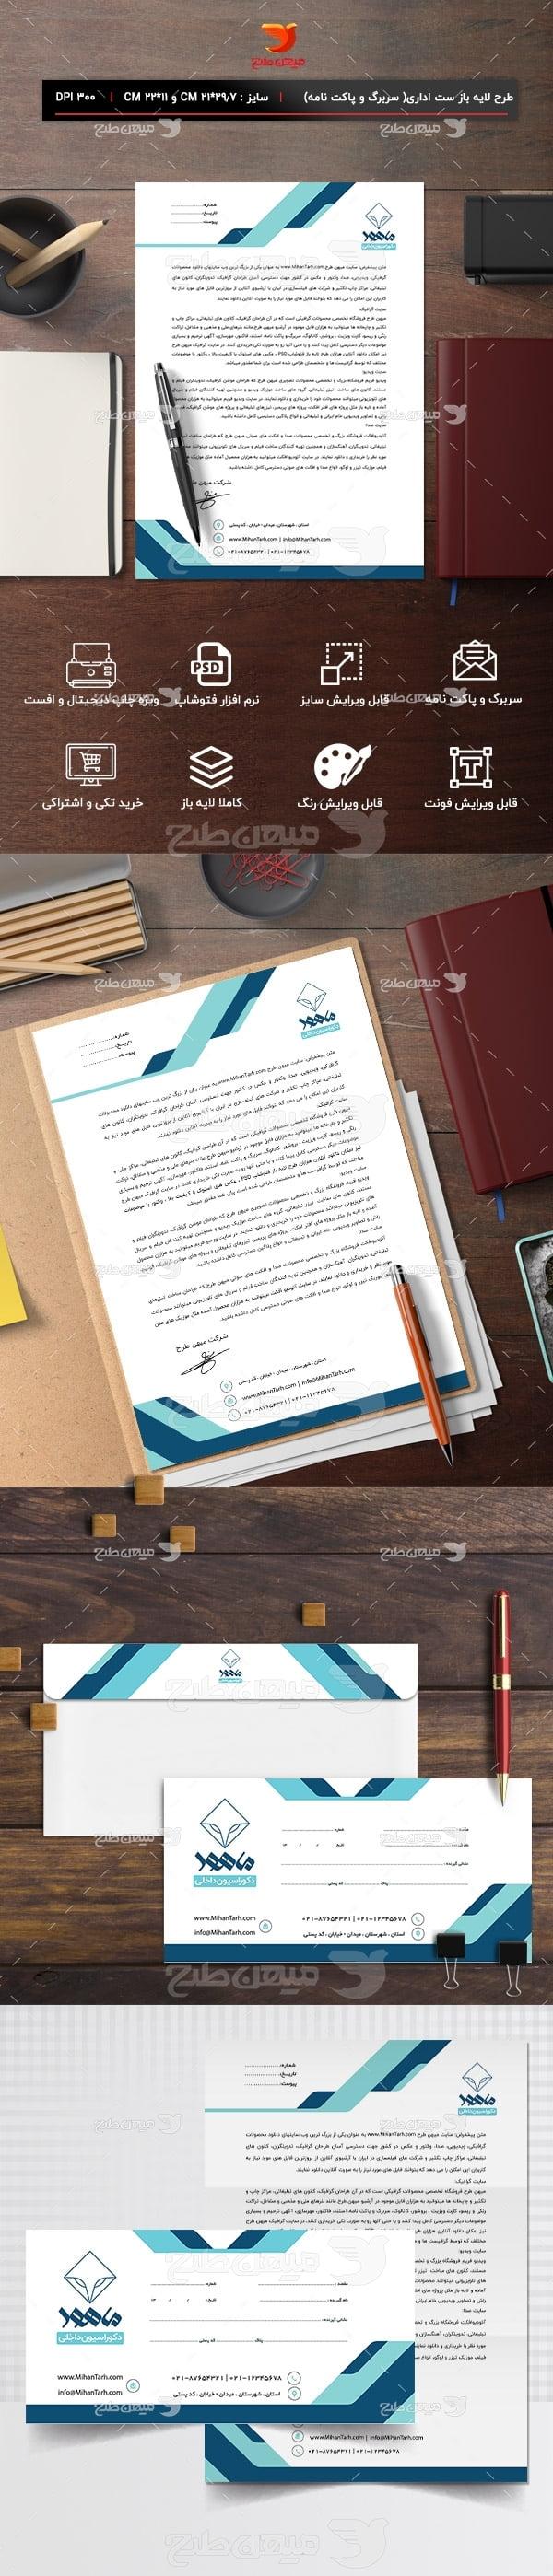 طرح لایه باز ست اداری دکوراسیون داخلی